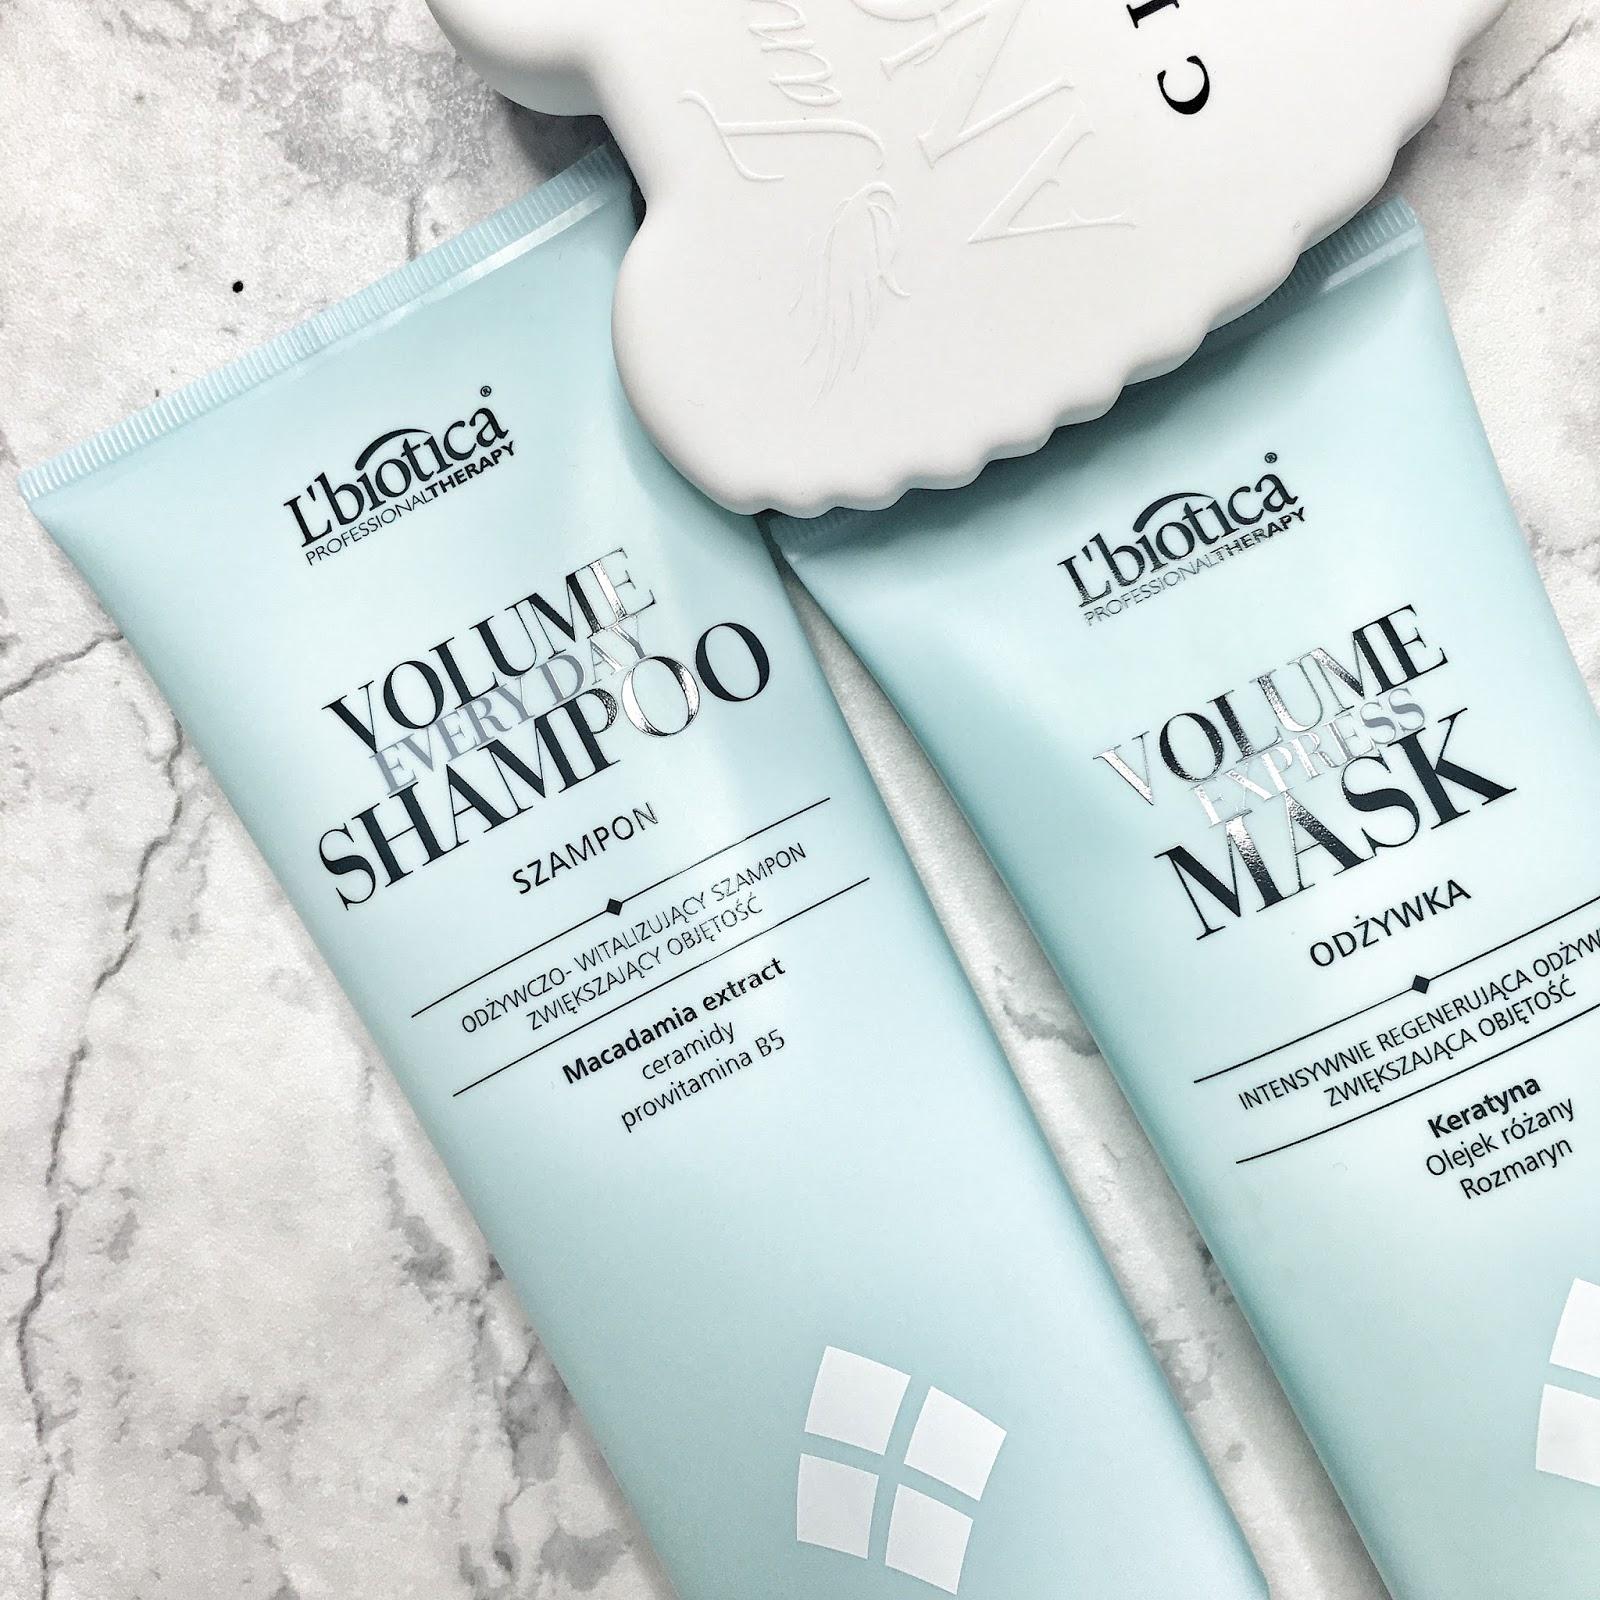 L'biotica seria profesjonalna, szampon i odżywka dodająca objętości